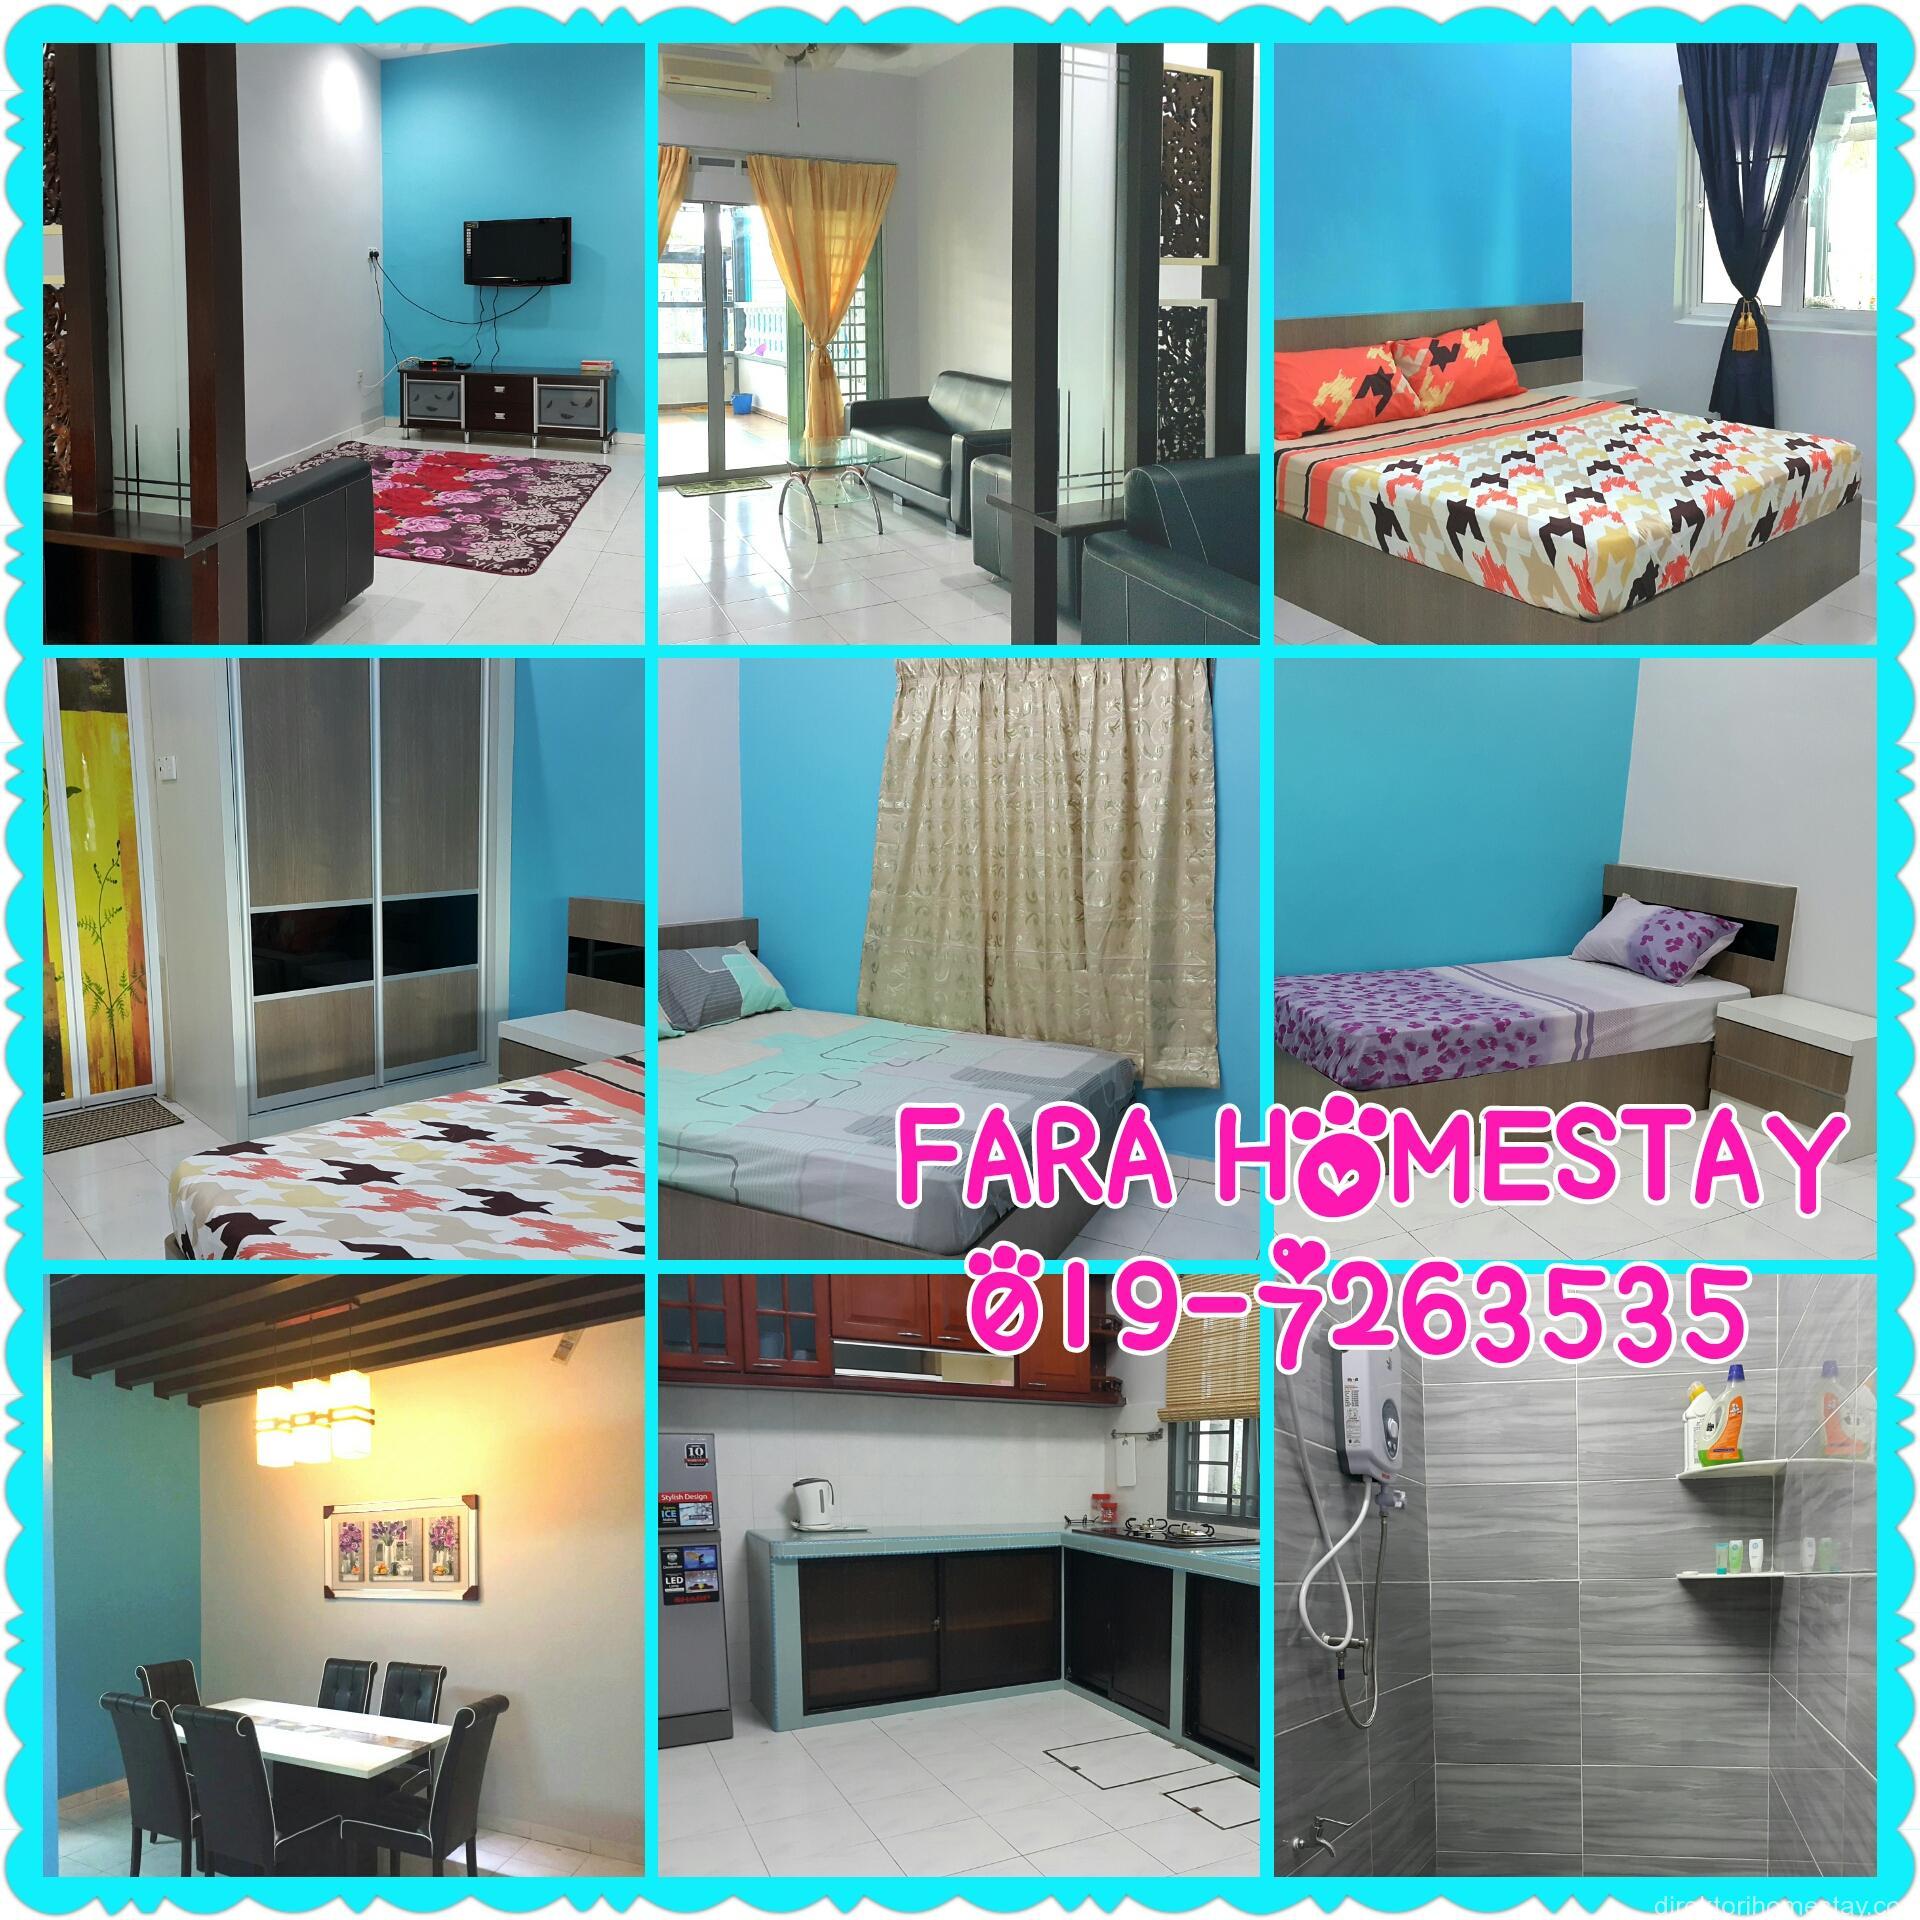 fara-hstay